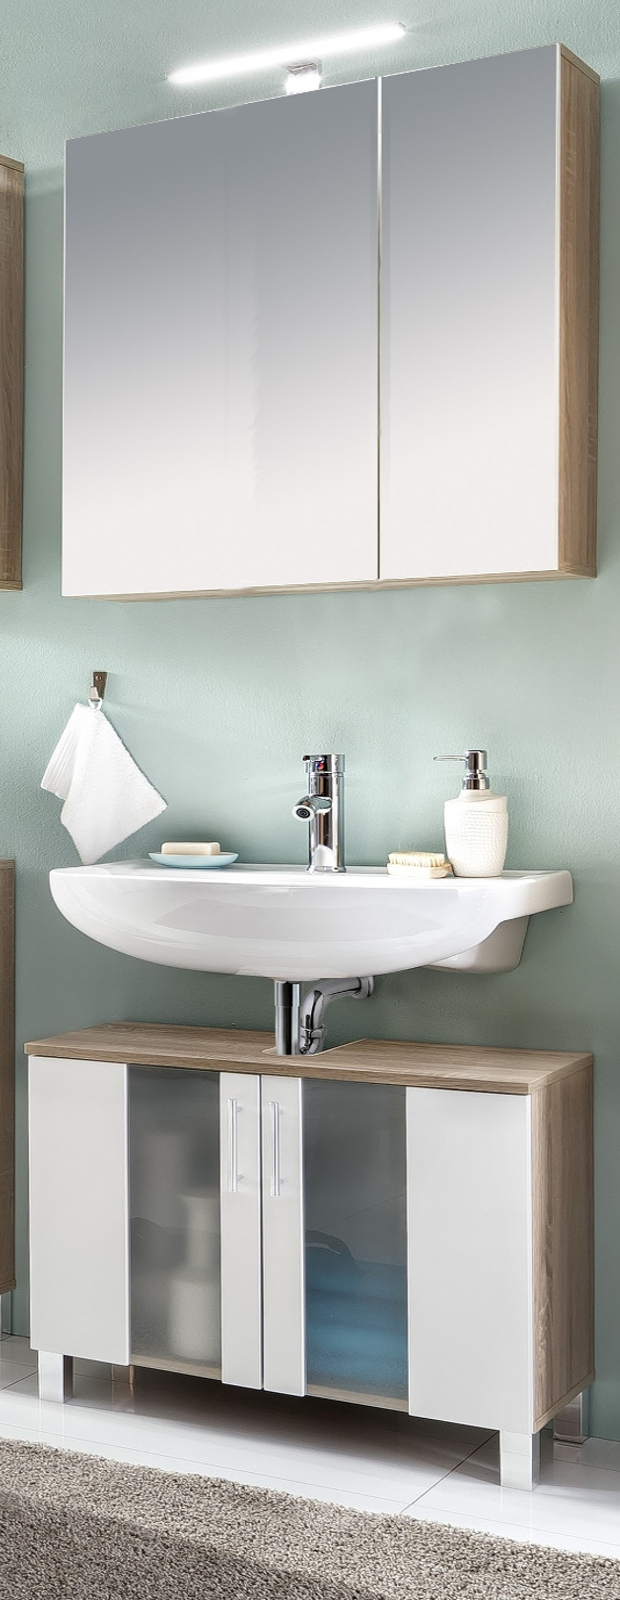 spiegelschrank porto wei eiche. Black Bedroom Furniture Sets. Home Design Ideas